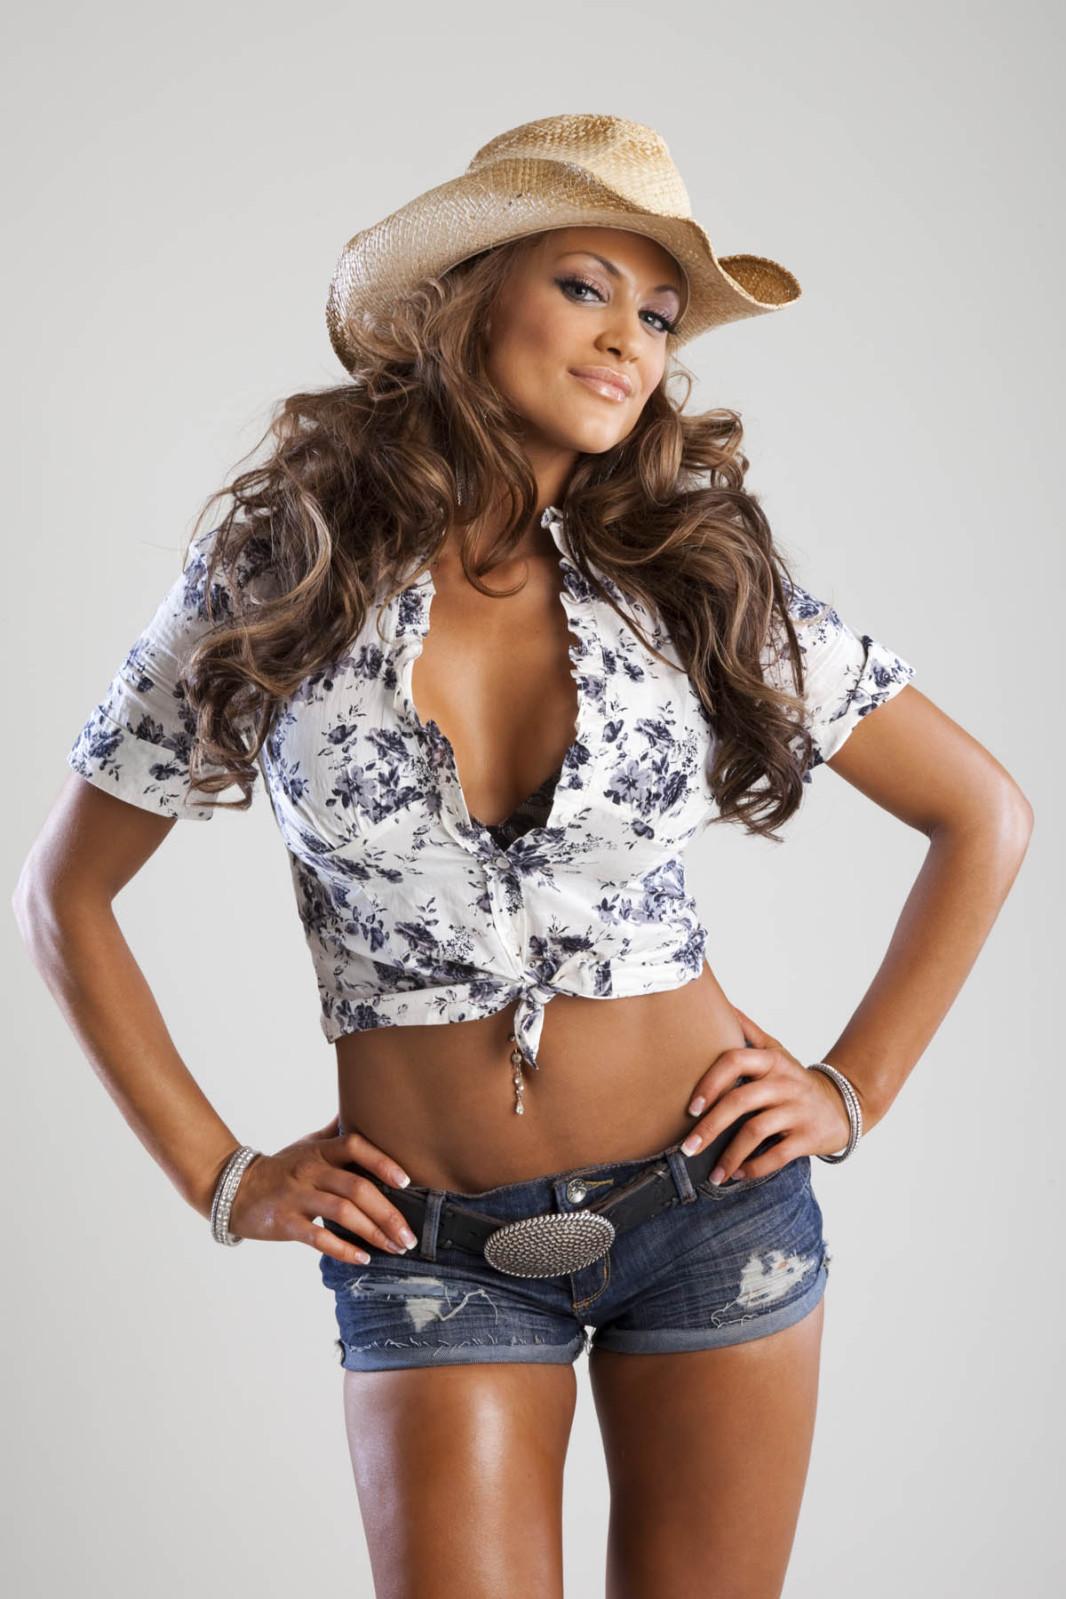 http://4.bp.blogspot.com/_kmIHGDi2Lss/TQ2wQf8Ld7I/AAAAAAAABpU/iWNd91rsj4o/s1600/Eve-Torres34.jpg